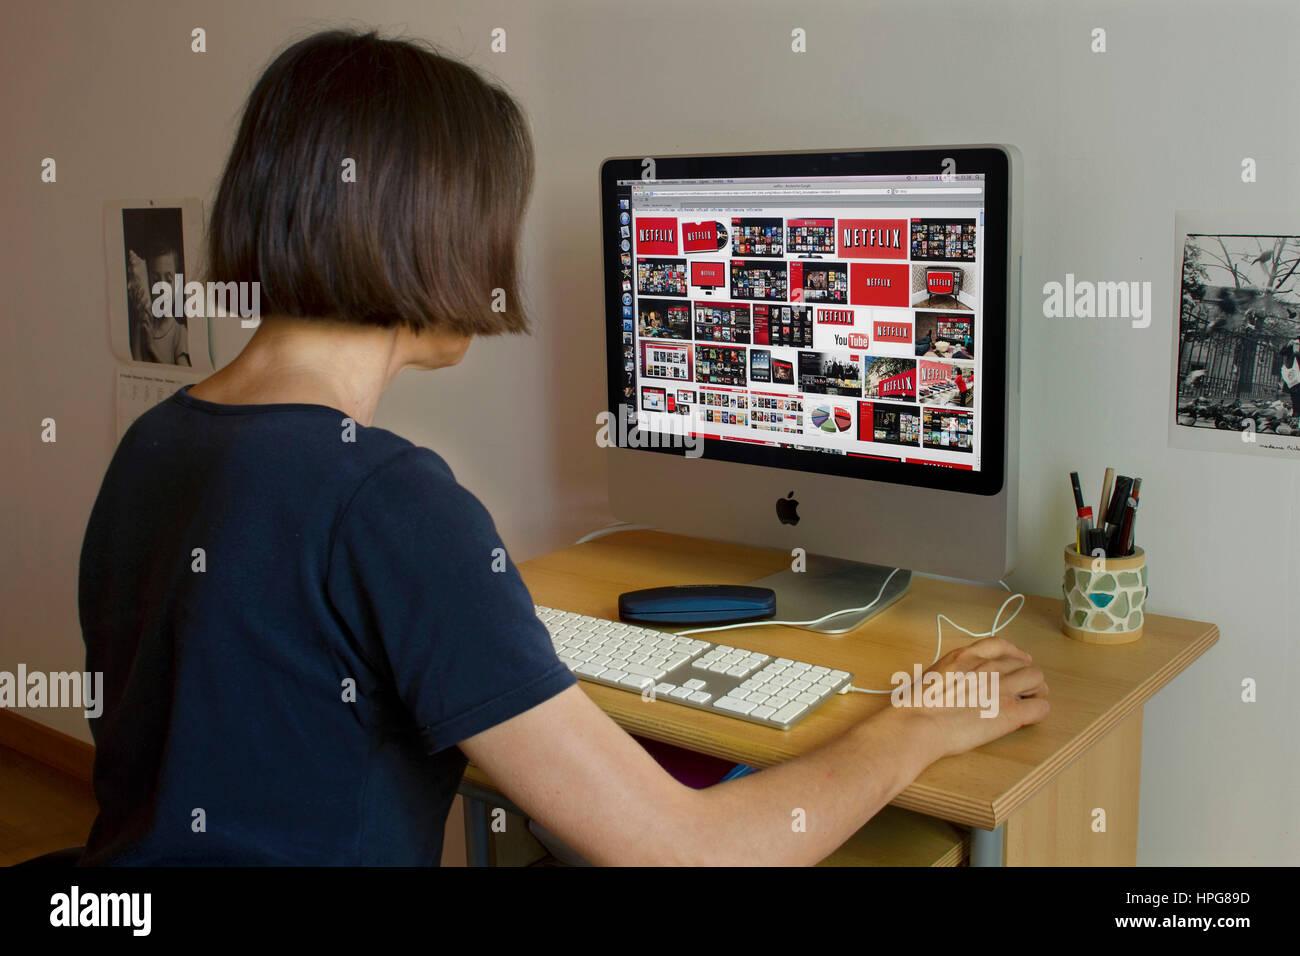 Frau vor einem Computerbildschirm anzeigen von Netflix. Stockbild